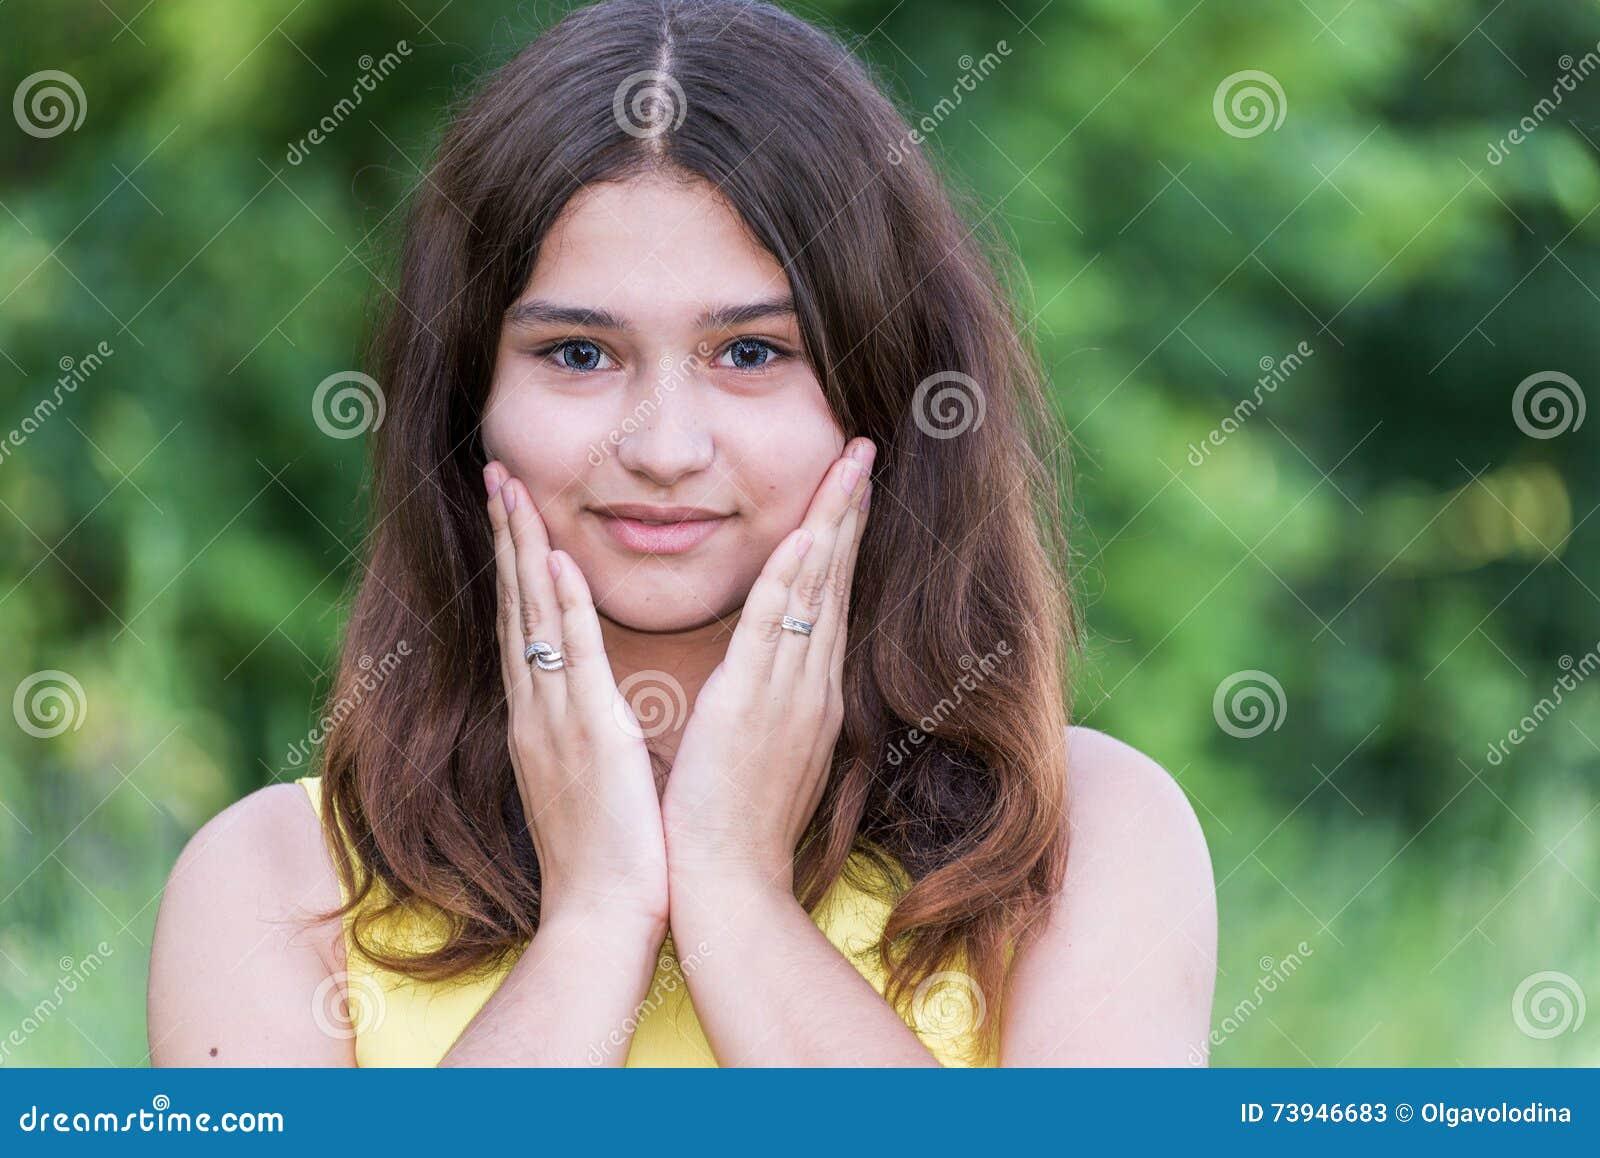 Hübsches Mädchen 14 Jahre Alte Aufstellung Auf Art Des Sommers